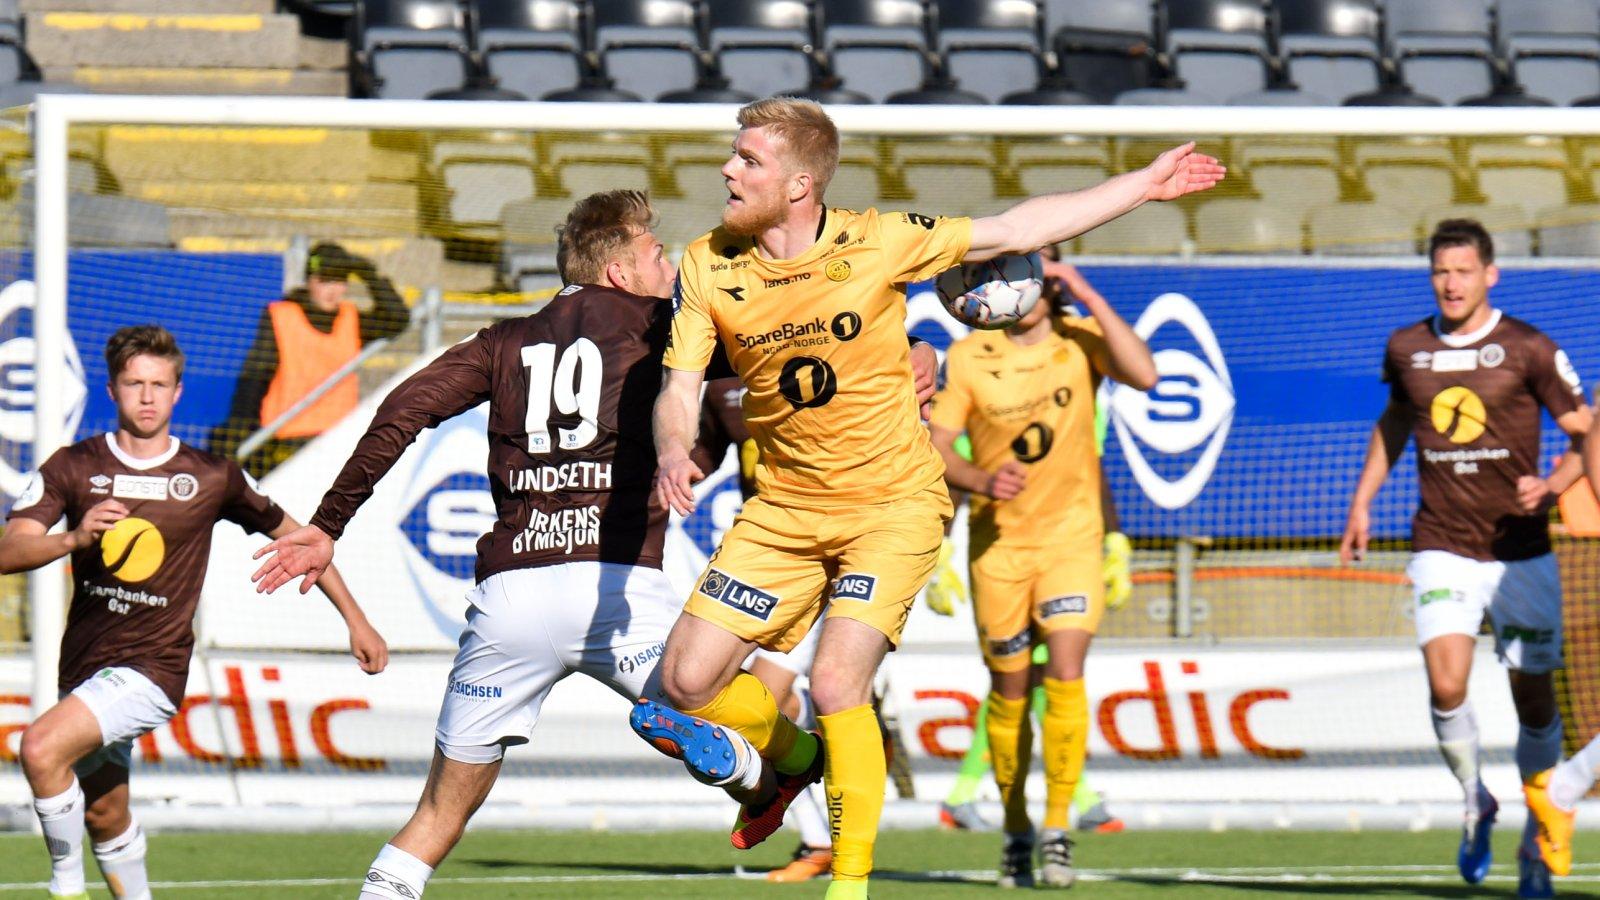 Emil Jonassen (3) i luftduell med Mjøndalen-spiller Jonathan Lindseth (19). Kampen endte til slutt 1-0 til de helgule. FOTO: Kent Even Grundstad